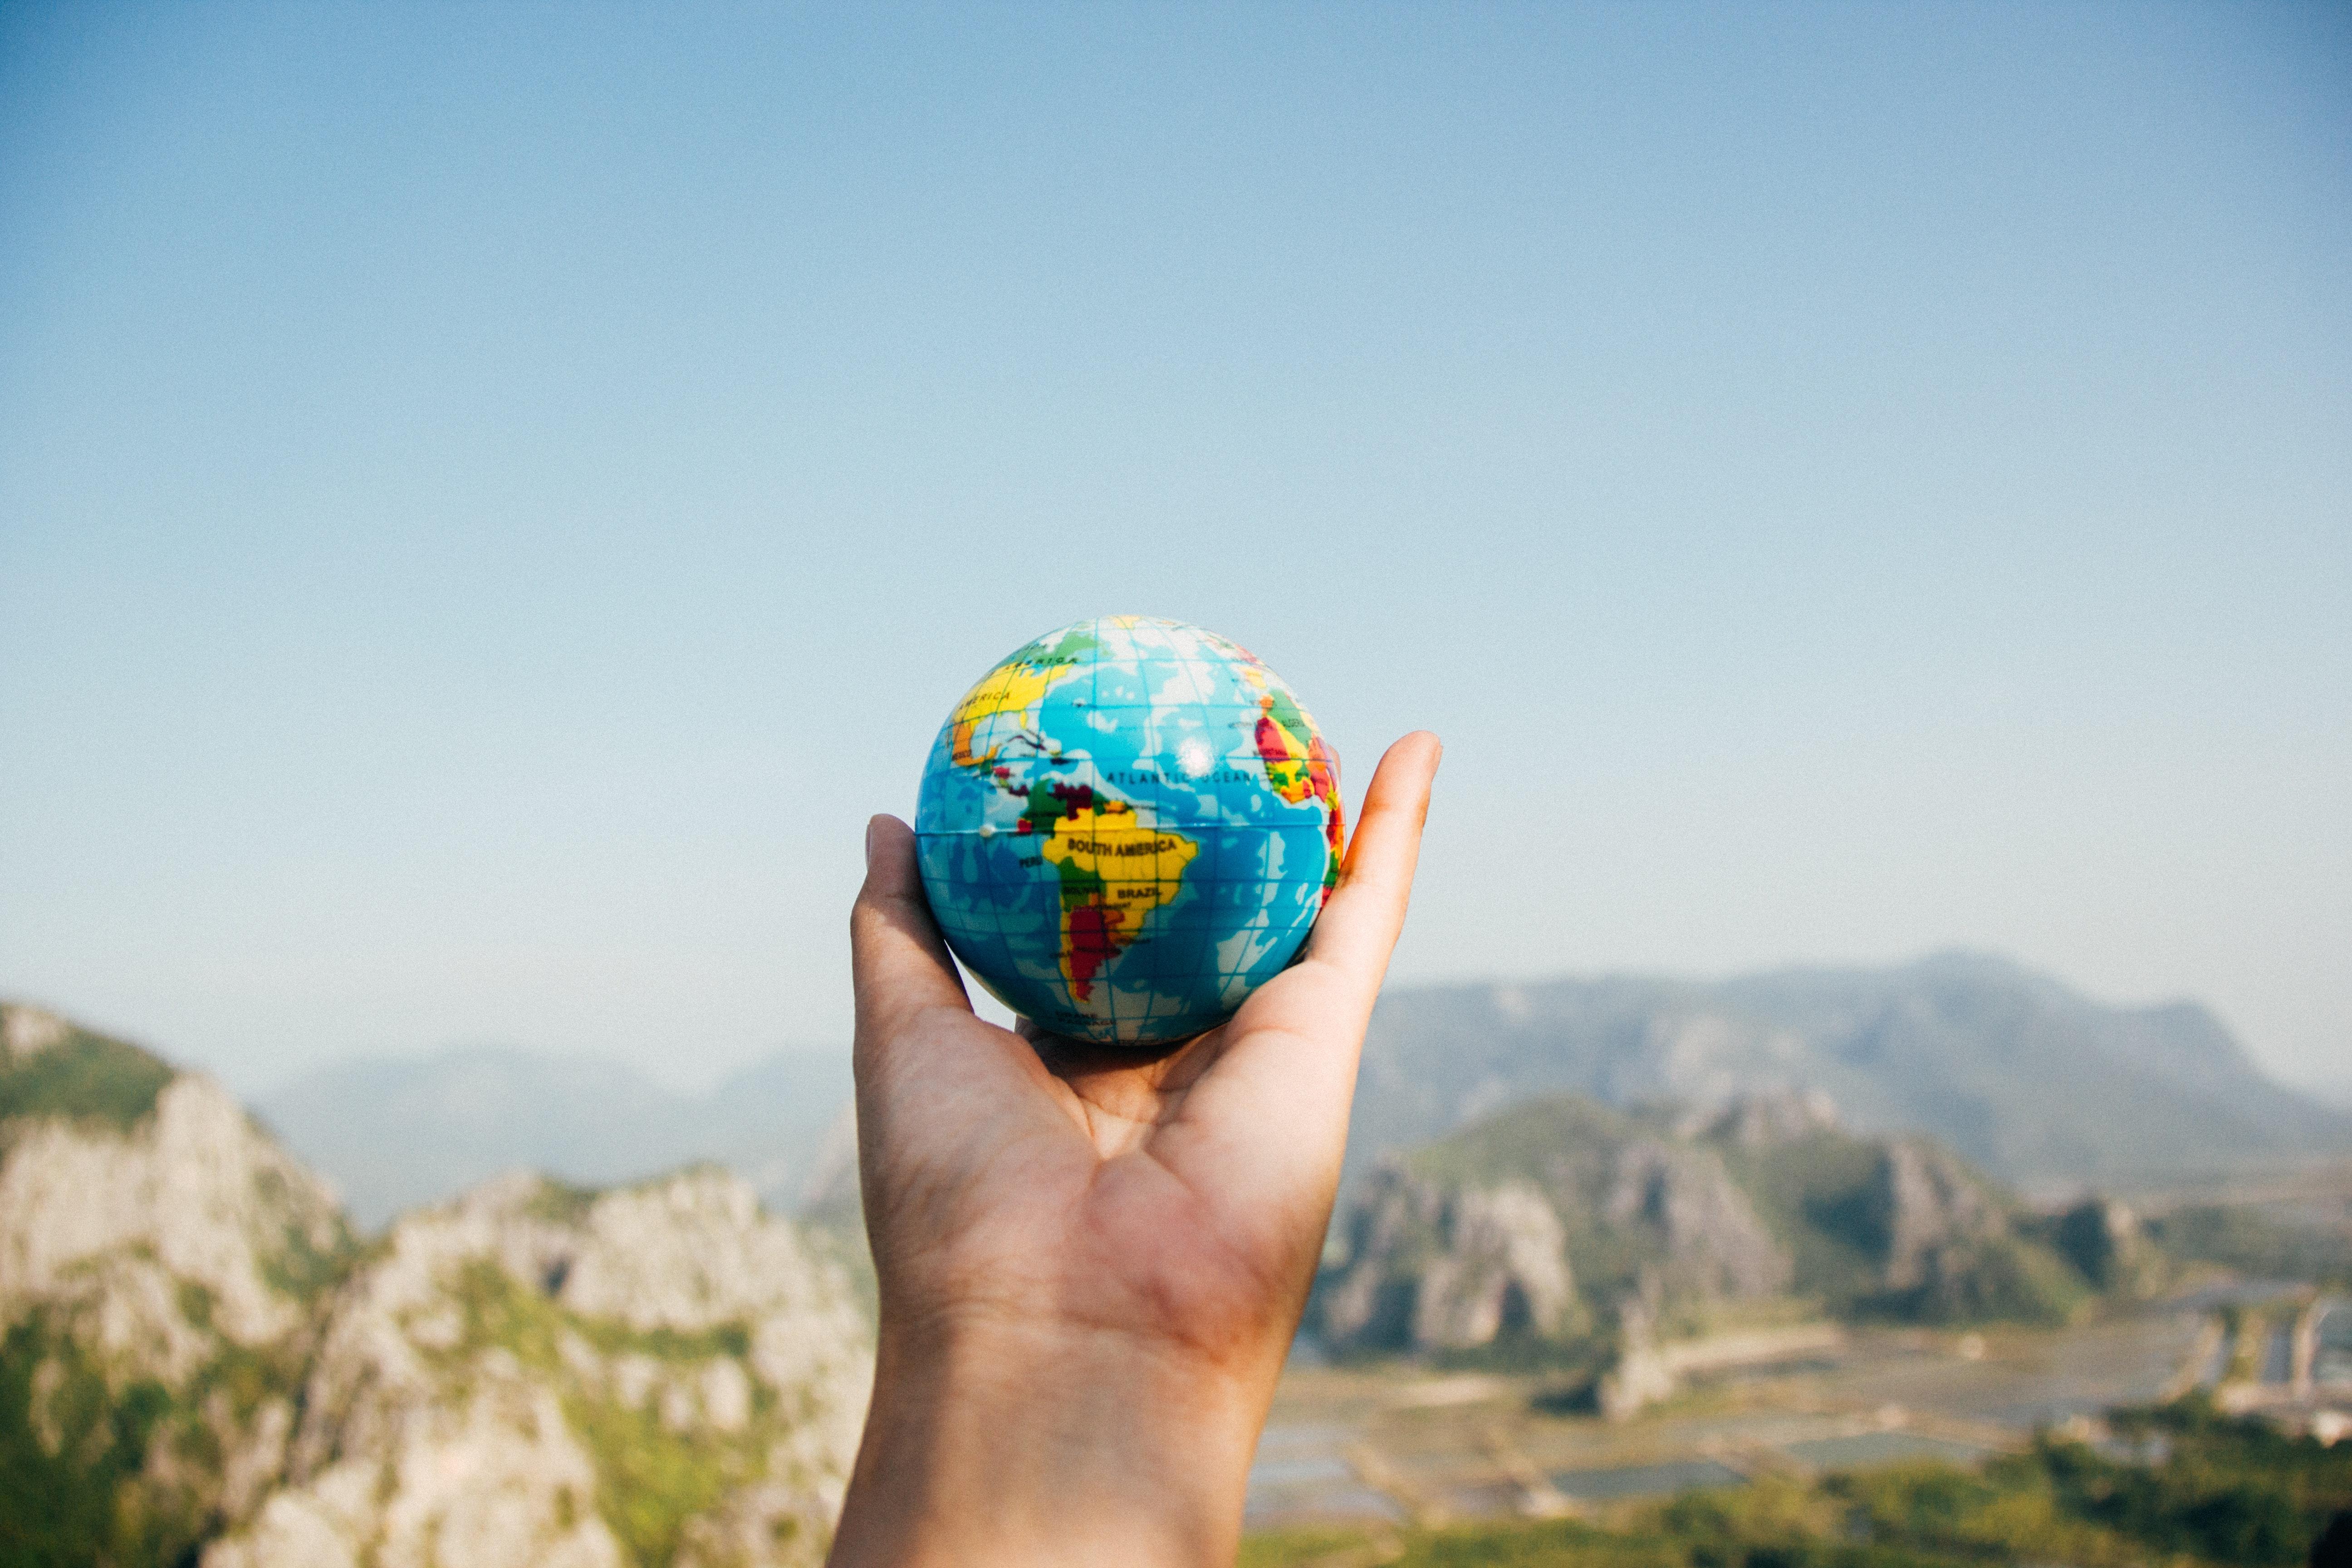 Le monde est si vaste...